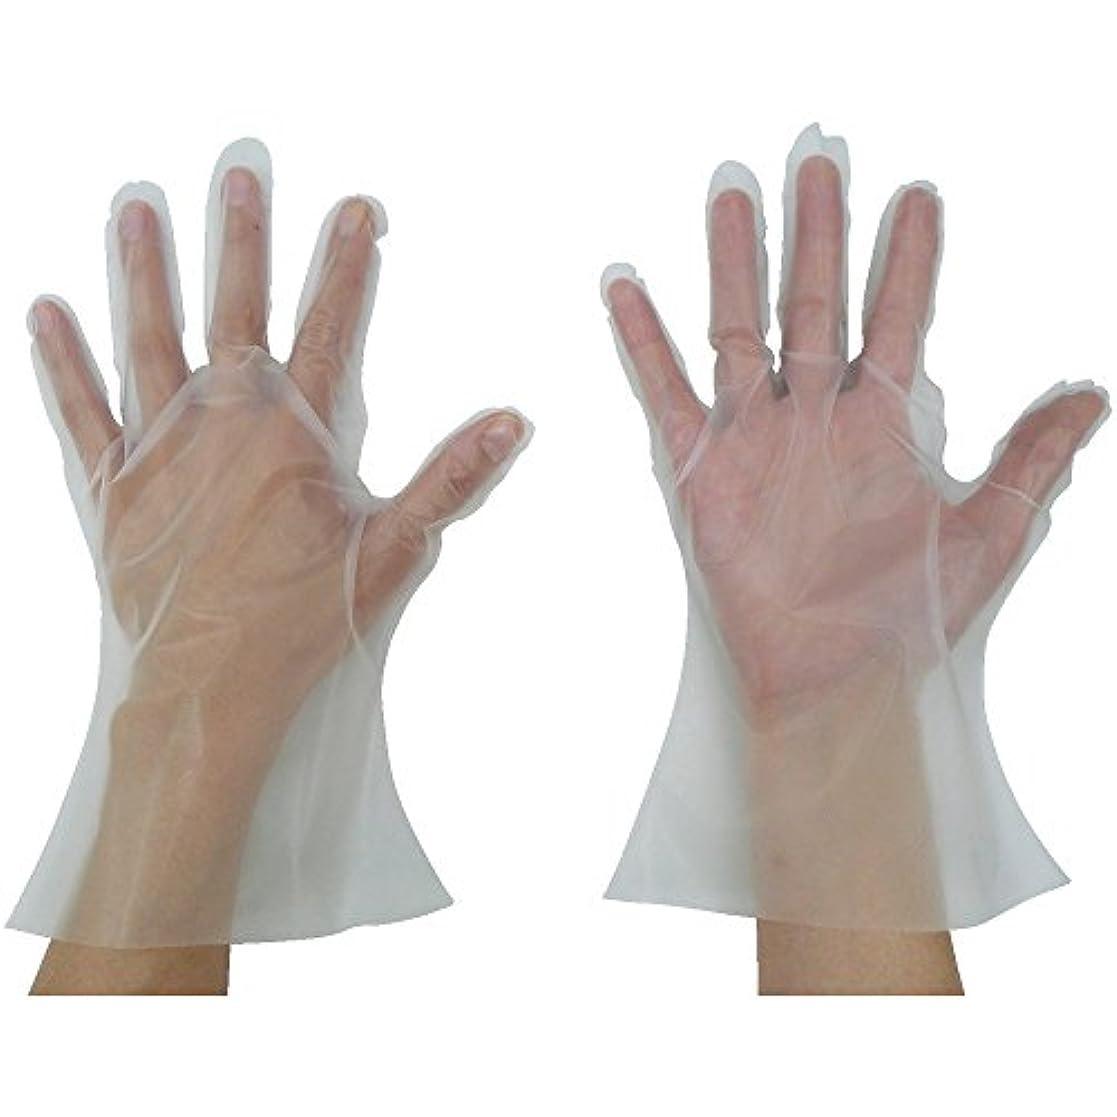 無意識圧力兵隊東京パック 緊急災害対策用手袋ニューマイジャスト簡易50L 半透明 KN-L ポリエチレン使い捨て手袋